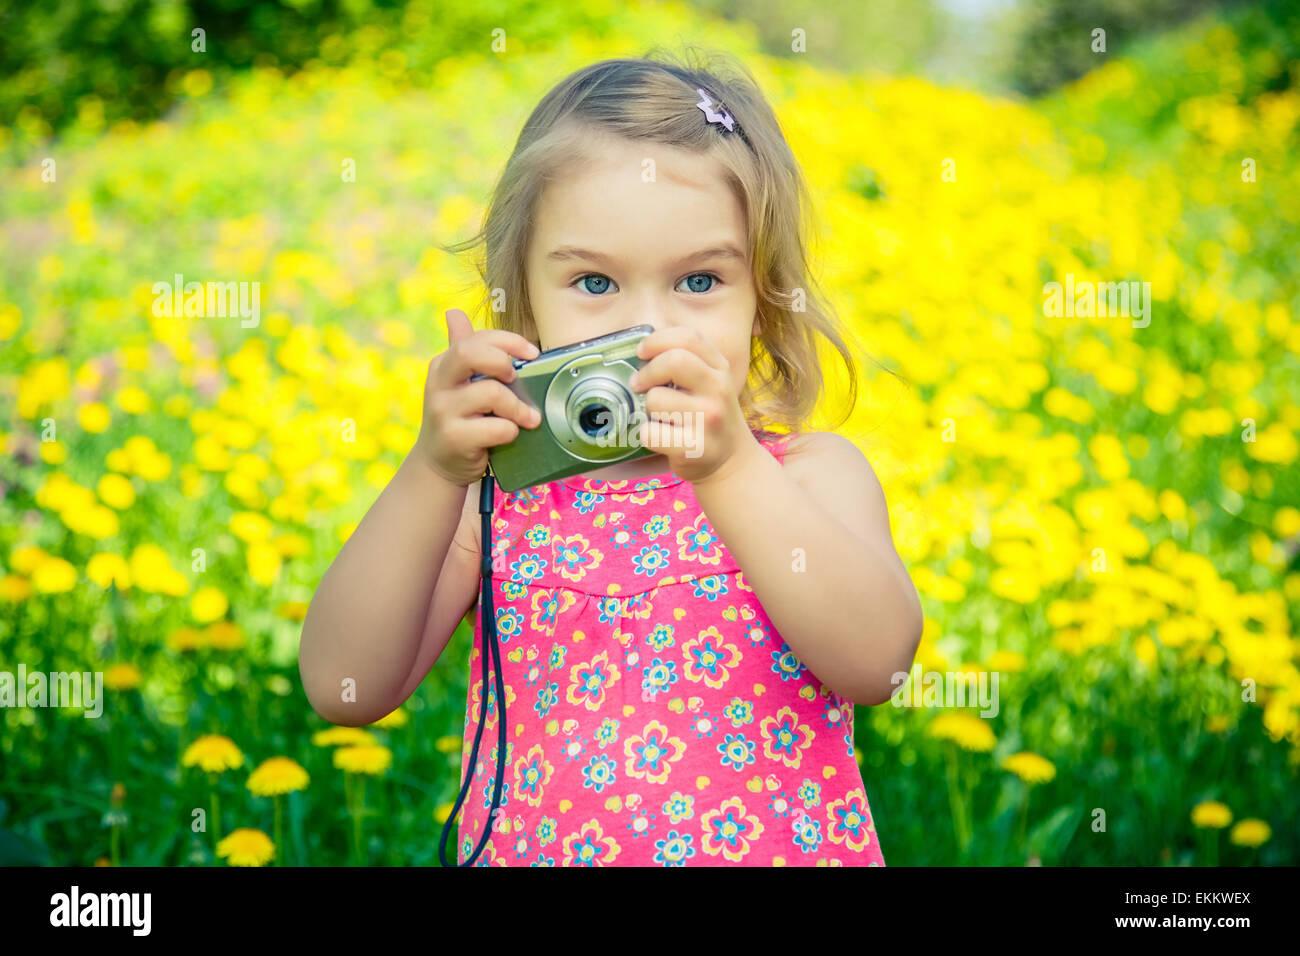 Niña tomando fotografías en una pradera Imagen De Stock